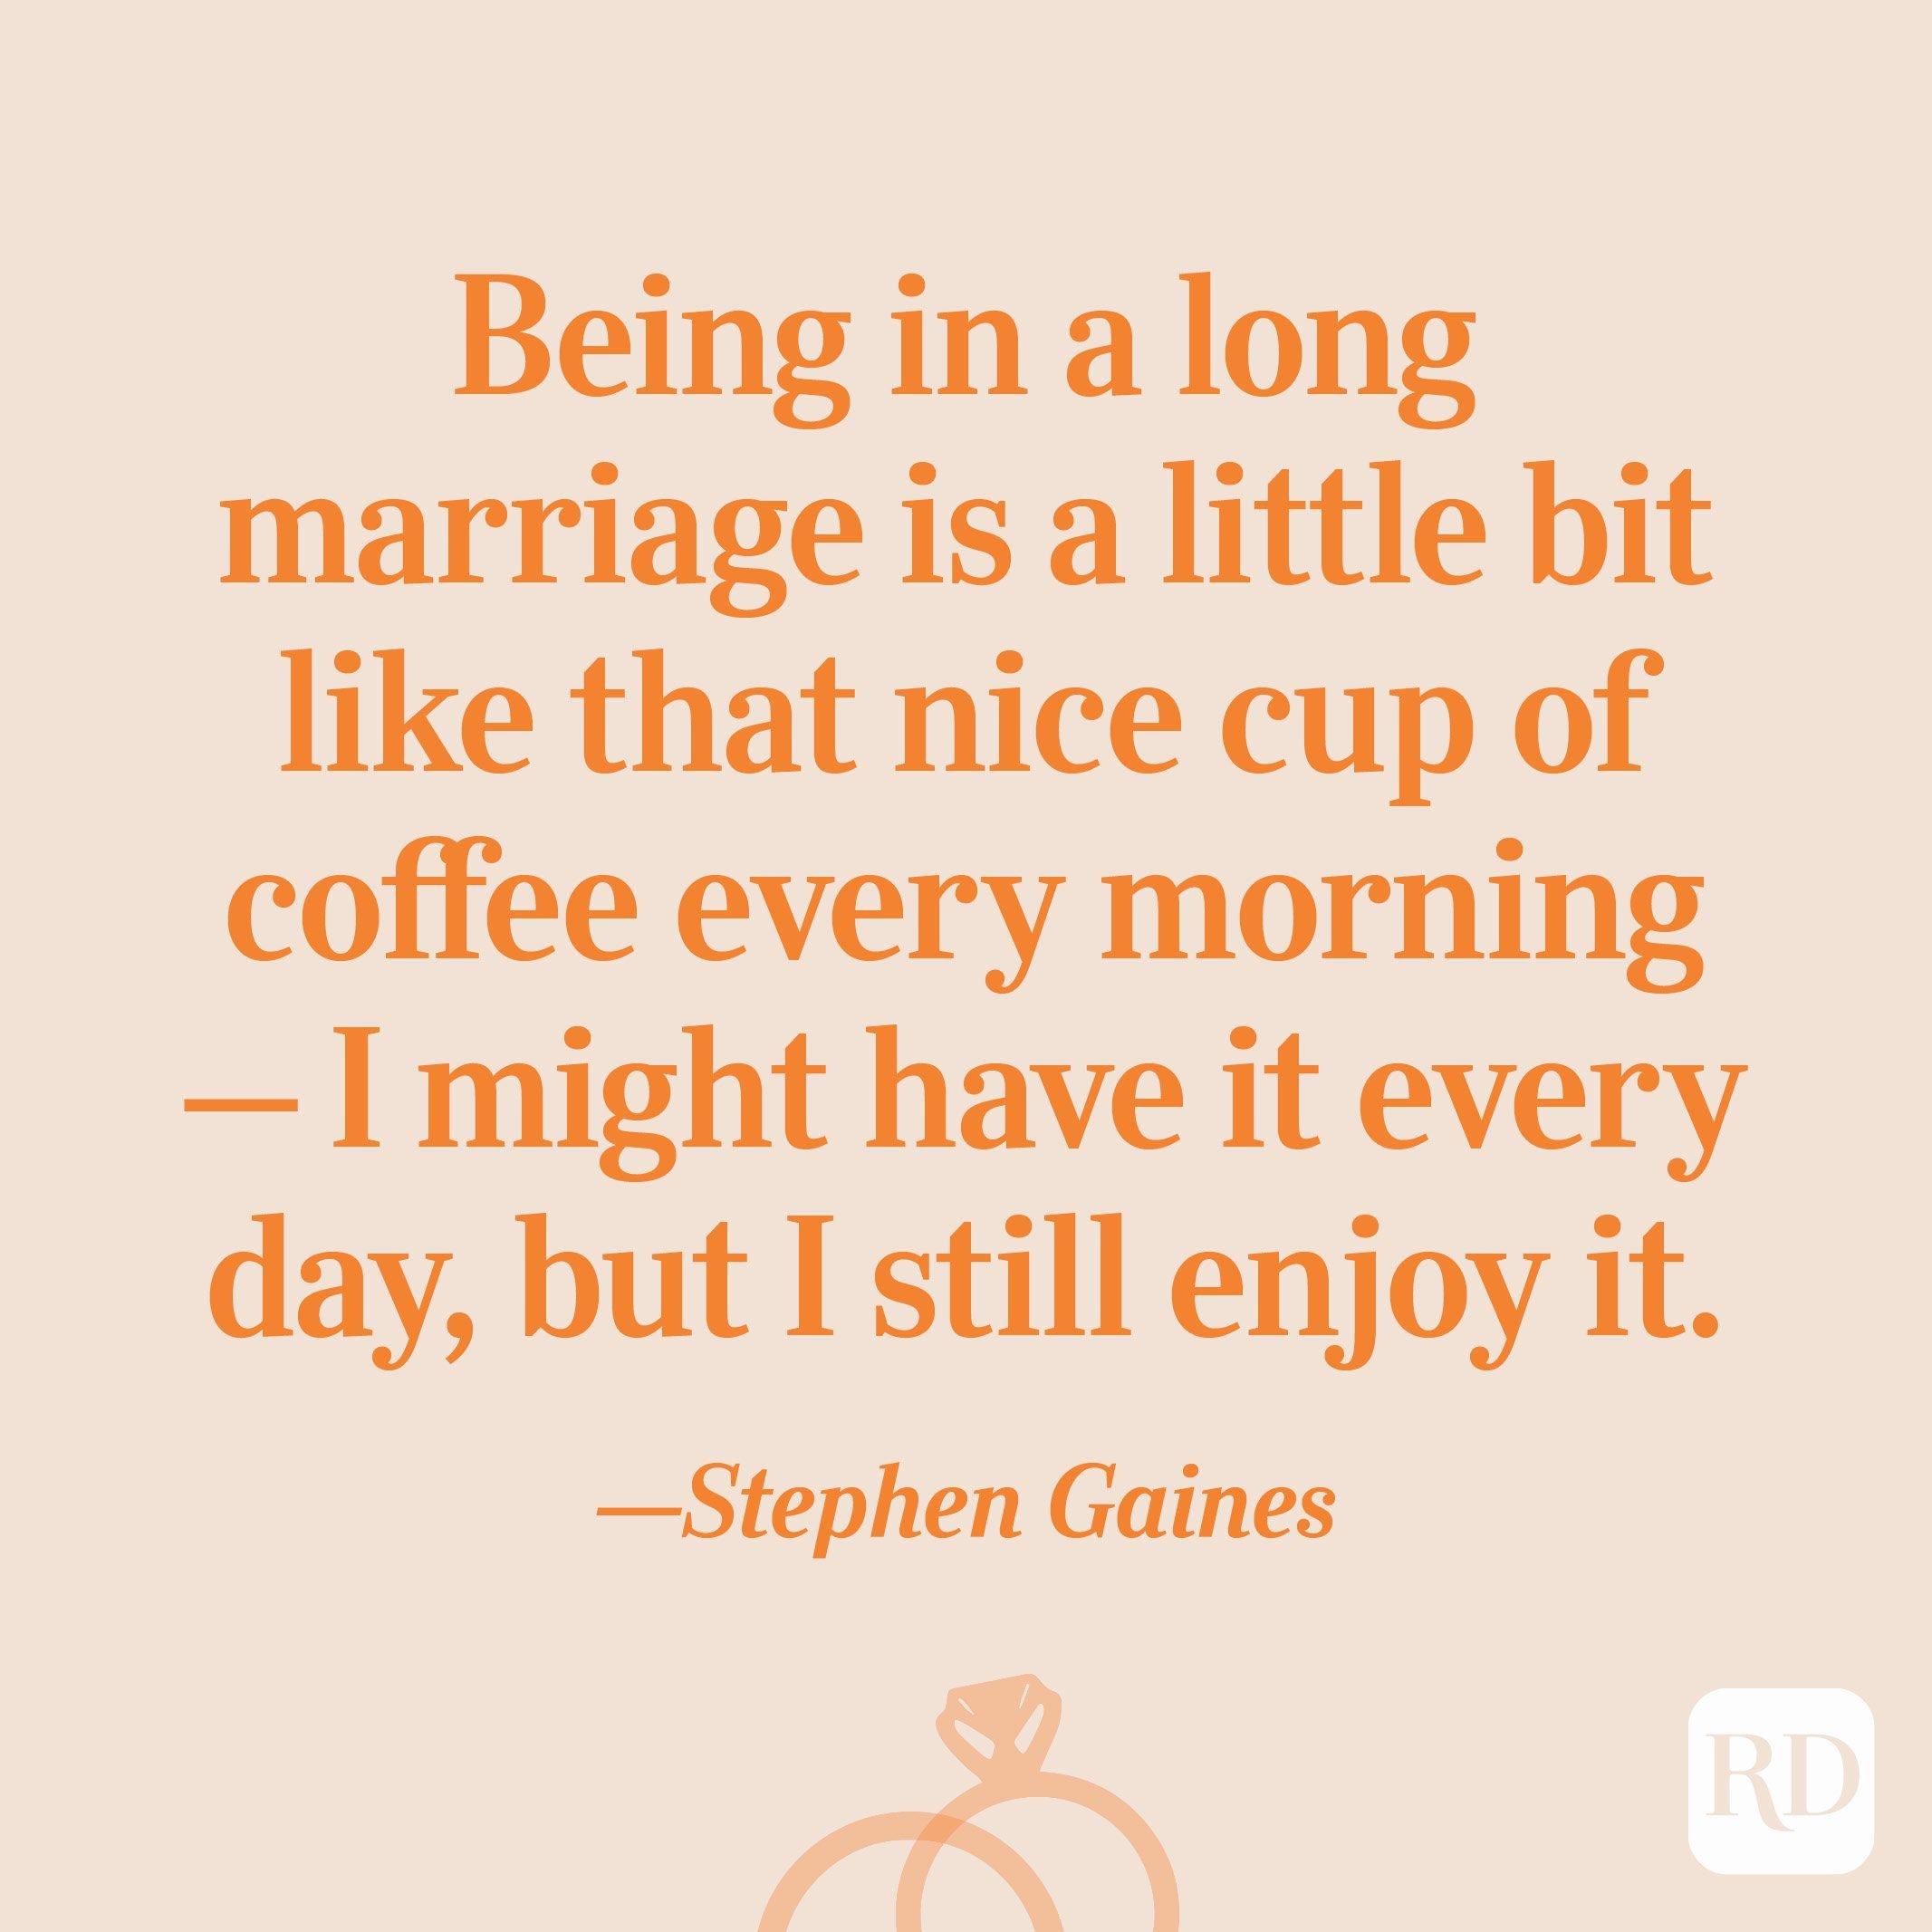 """""""Dalam pernikahan yang panjang rasanya seperti secangkir kopi enak setiap pagi - saya mungkin meminumnya setiap hari, tapi saya masih menikmatinya."""" - Stephen Gaines"""